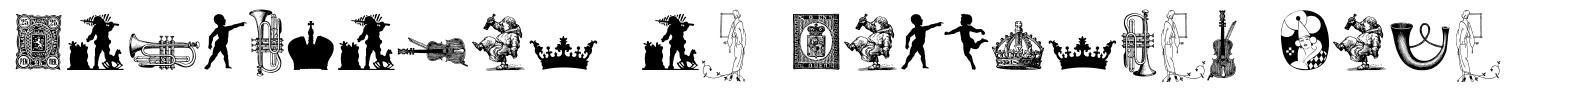 Cornucopia of Dingbates Five font